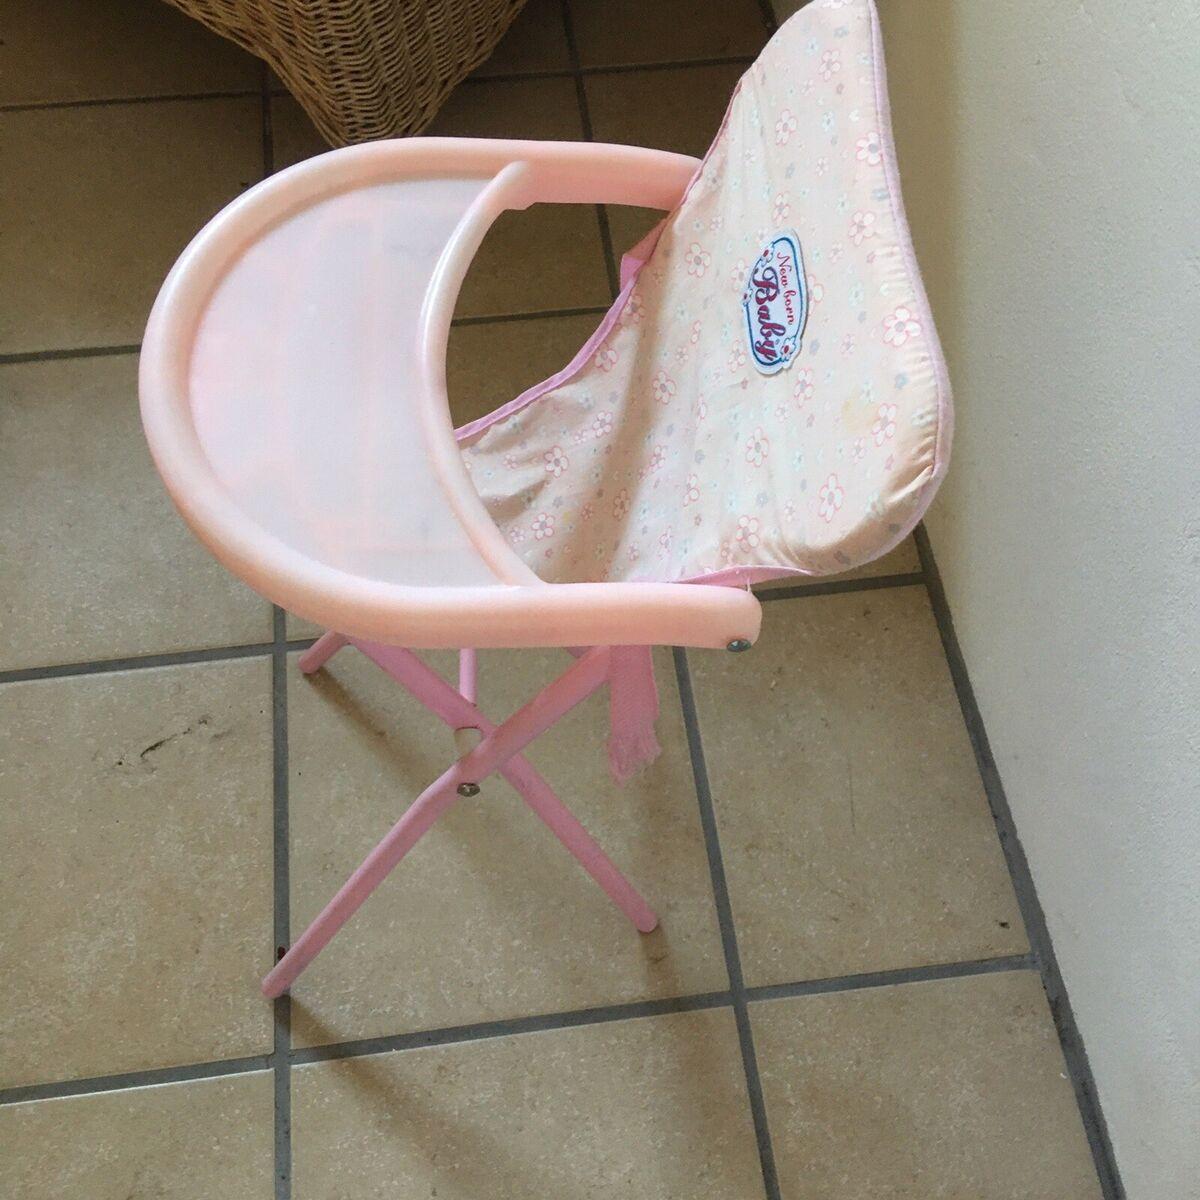 Højstol, Høj stol til baby dukke, andet spil, Fin stol ti